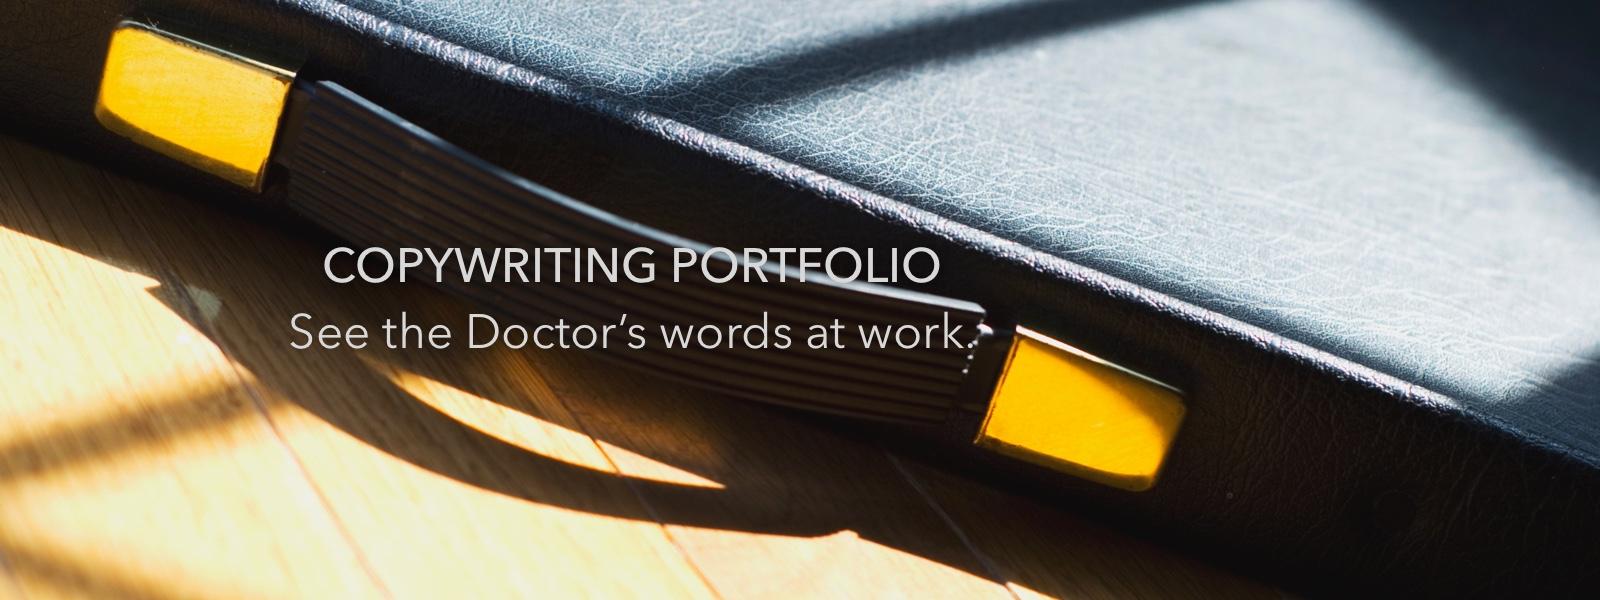 portfolio case